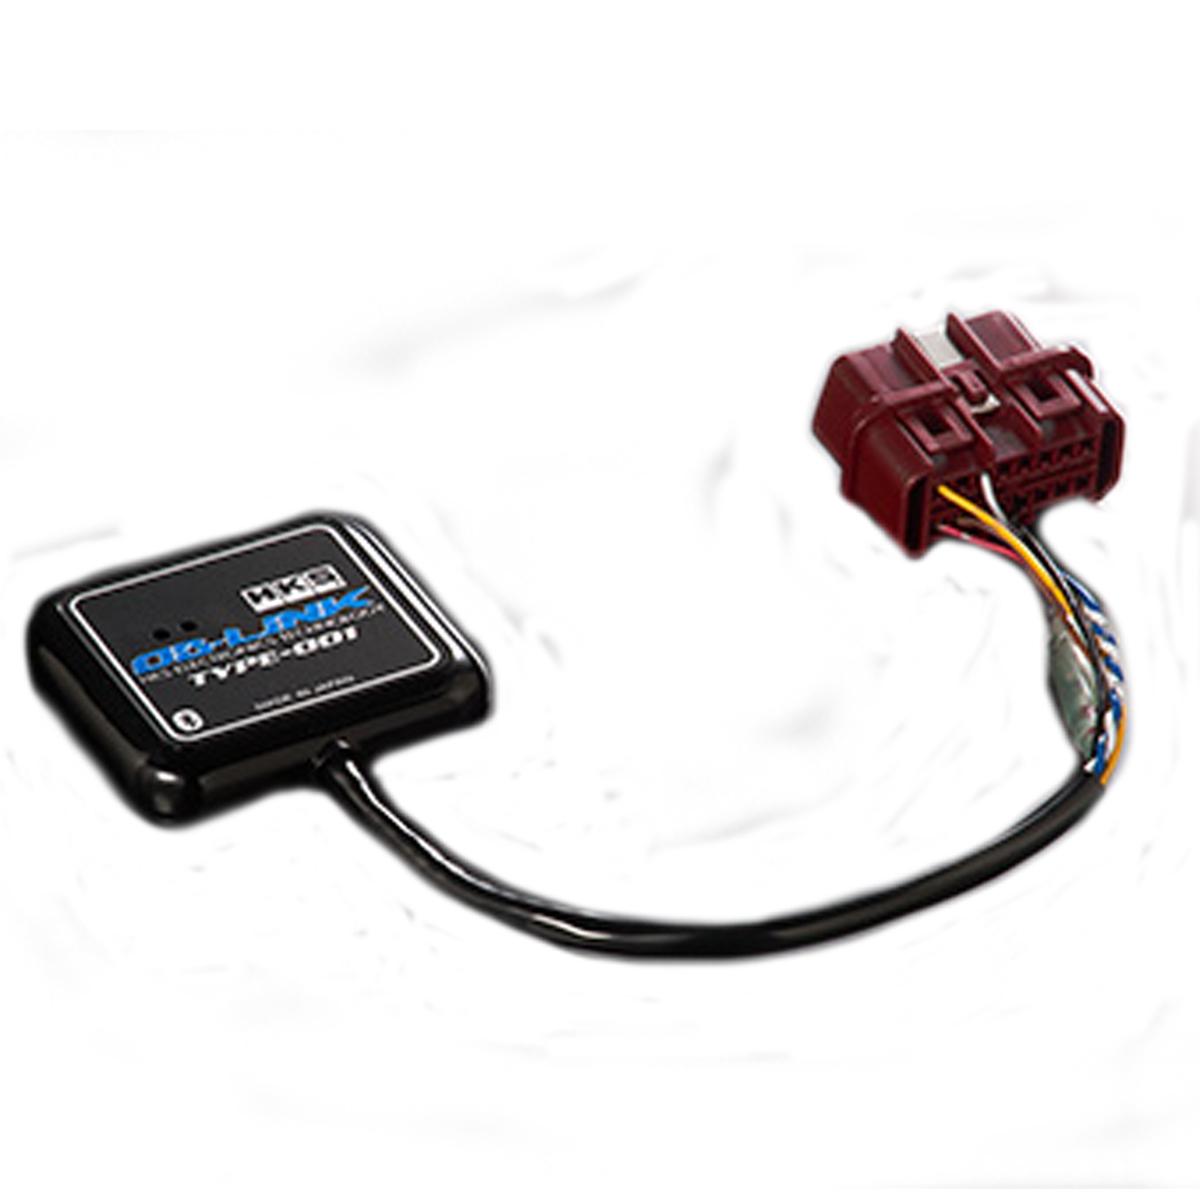 ムーヴ モニター OBリンク タイプ 001 L152S HKS 44009-AK002 エレクトリニクス